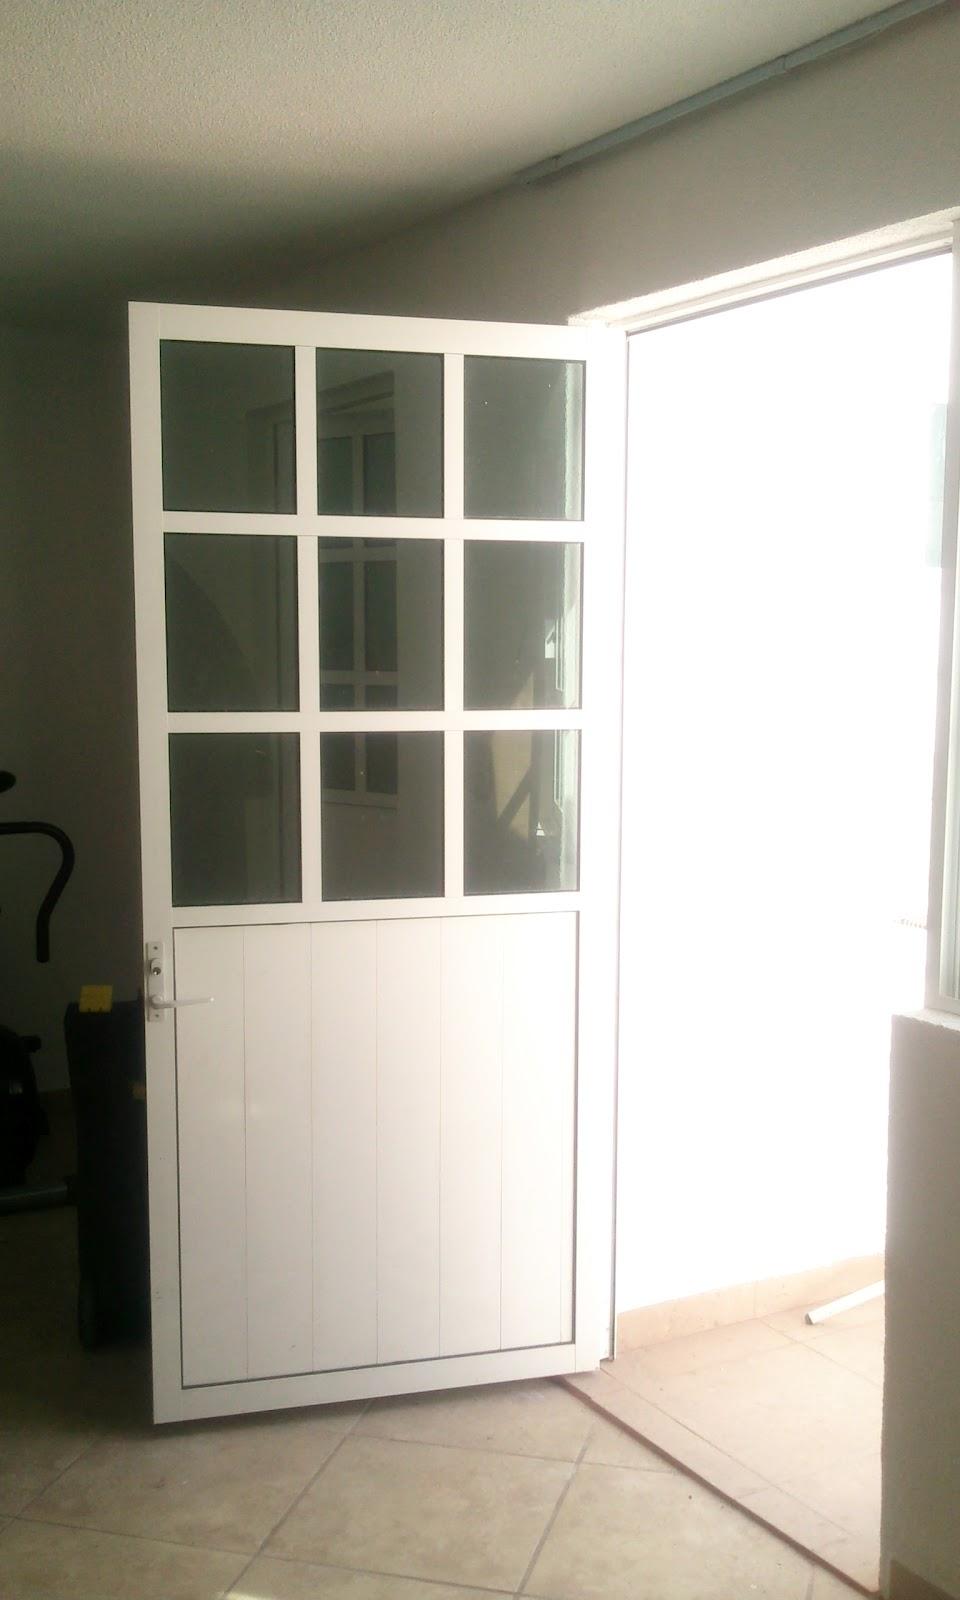 Puertas De Baño Templadas:Puerta aluminio clanco 3′ con cristal claro mitad a cuadros y mitad